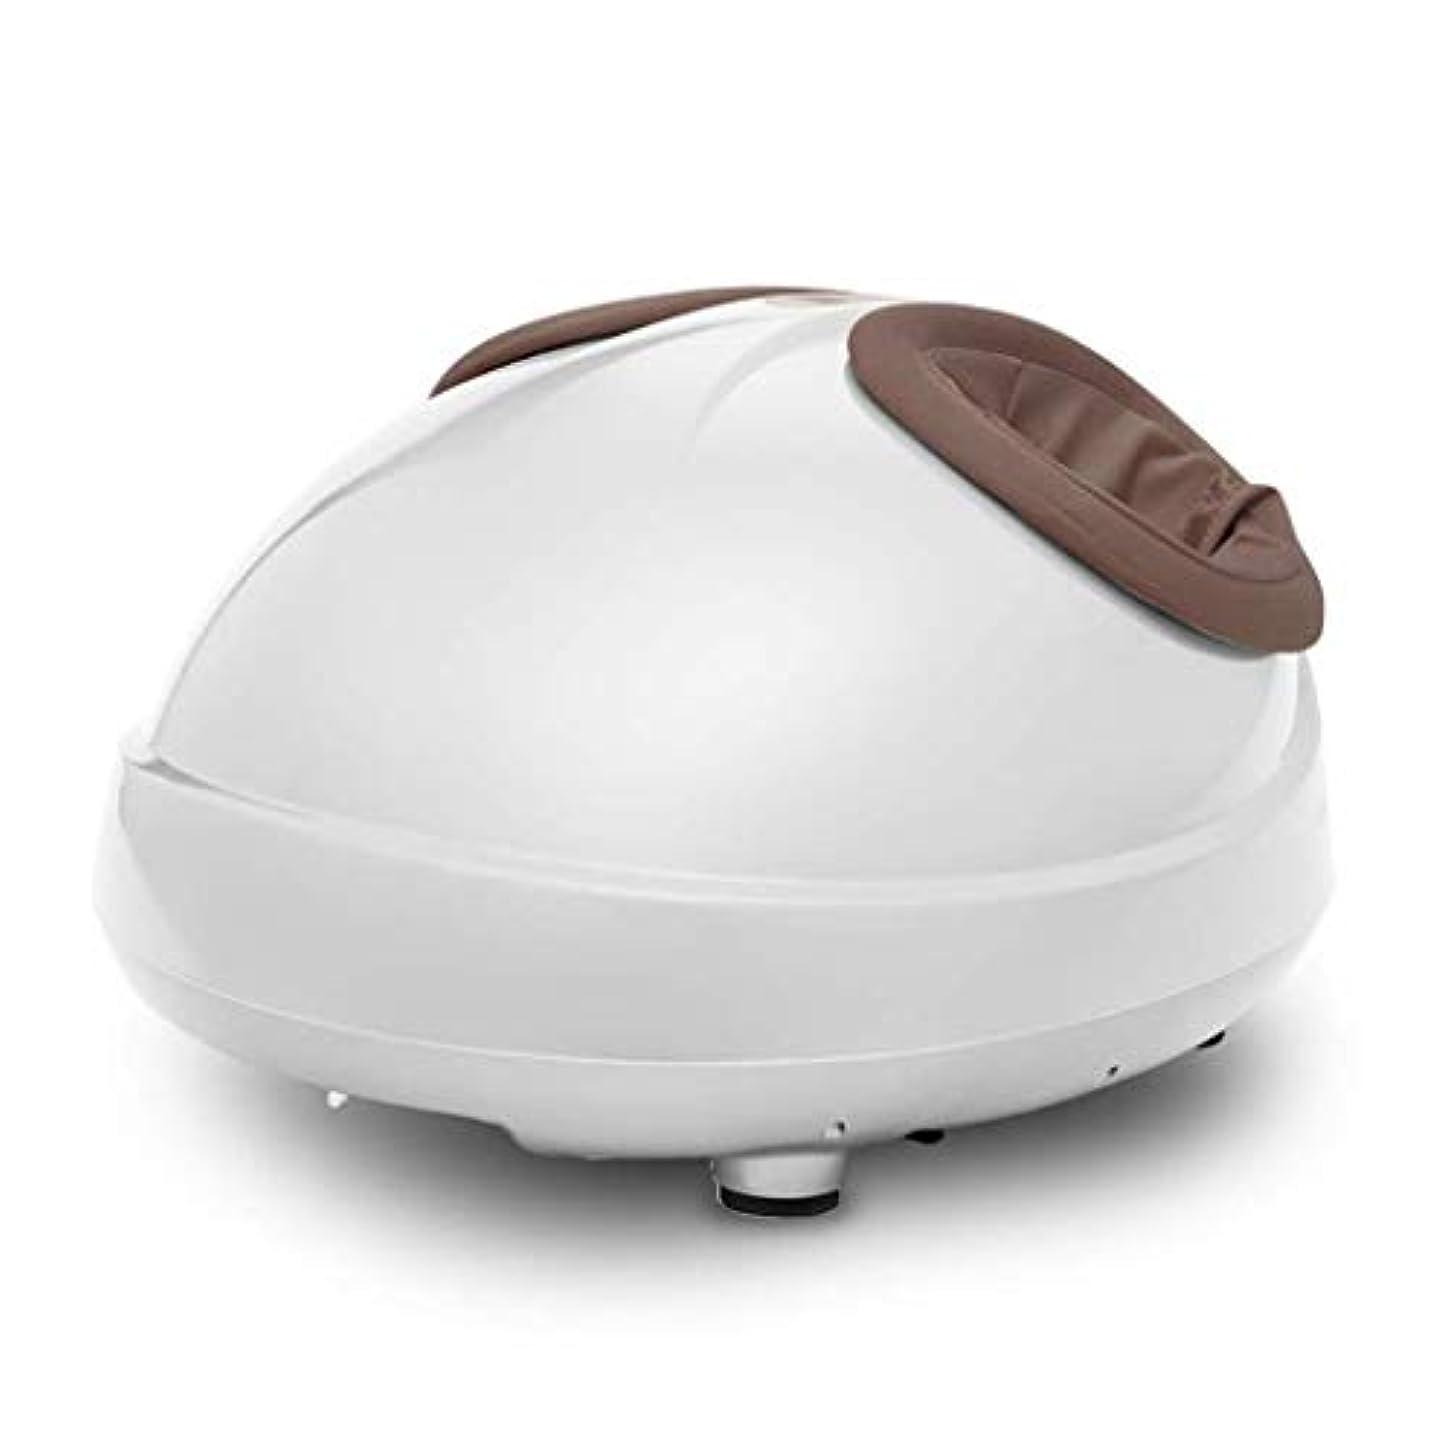 インディカ仮説呼びかけるフットマッサージ器、電気指圧フットマッサージャー、疲労やリラクゼーションストレスを軽減ディープ混練/暖房/エア圧縮マッサージ、ホームオフィスの使用、自然